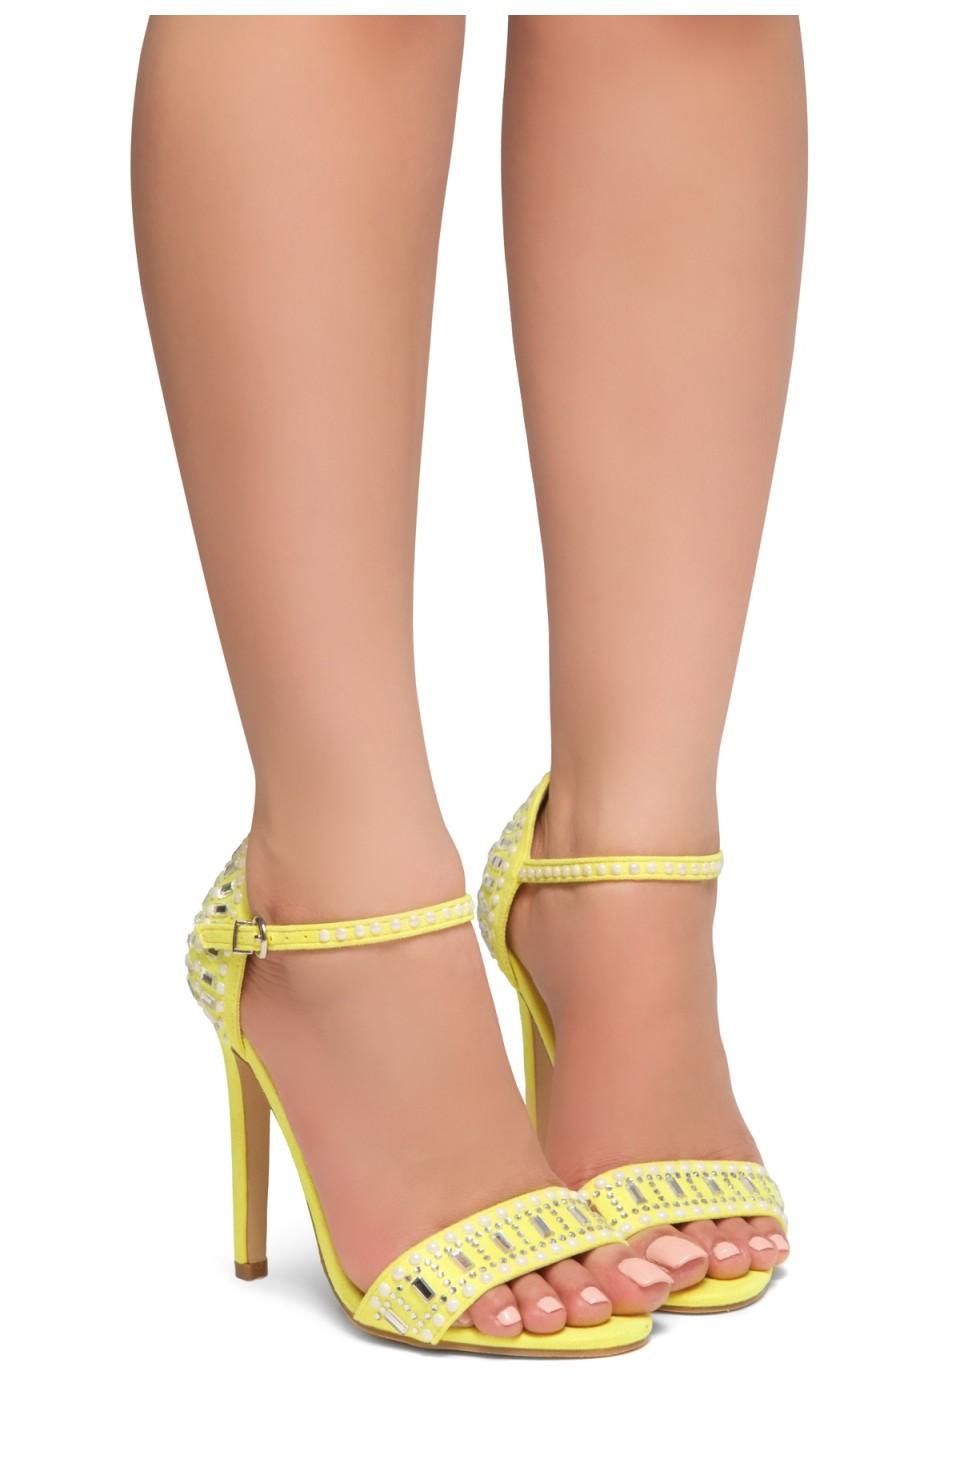 HerStyle Fashion Glam Ego- stiletto heel, jeweled embellishments (Yellow)